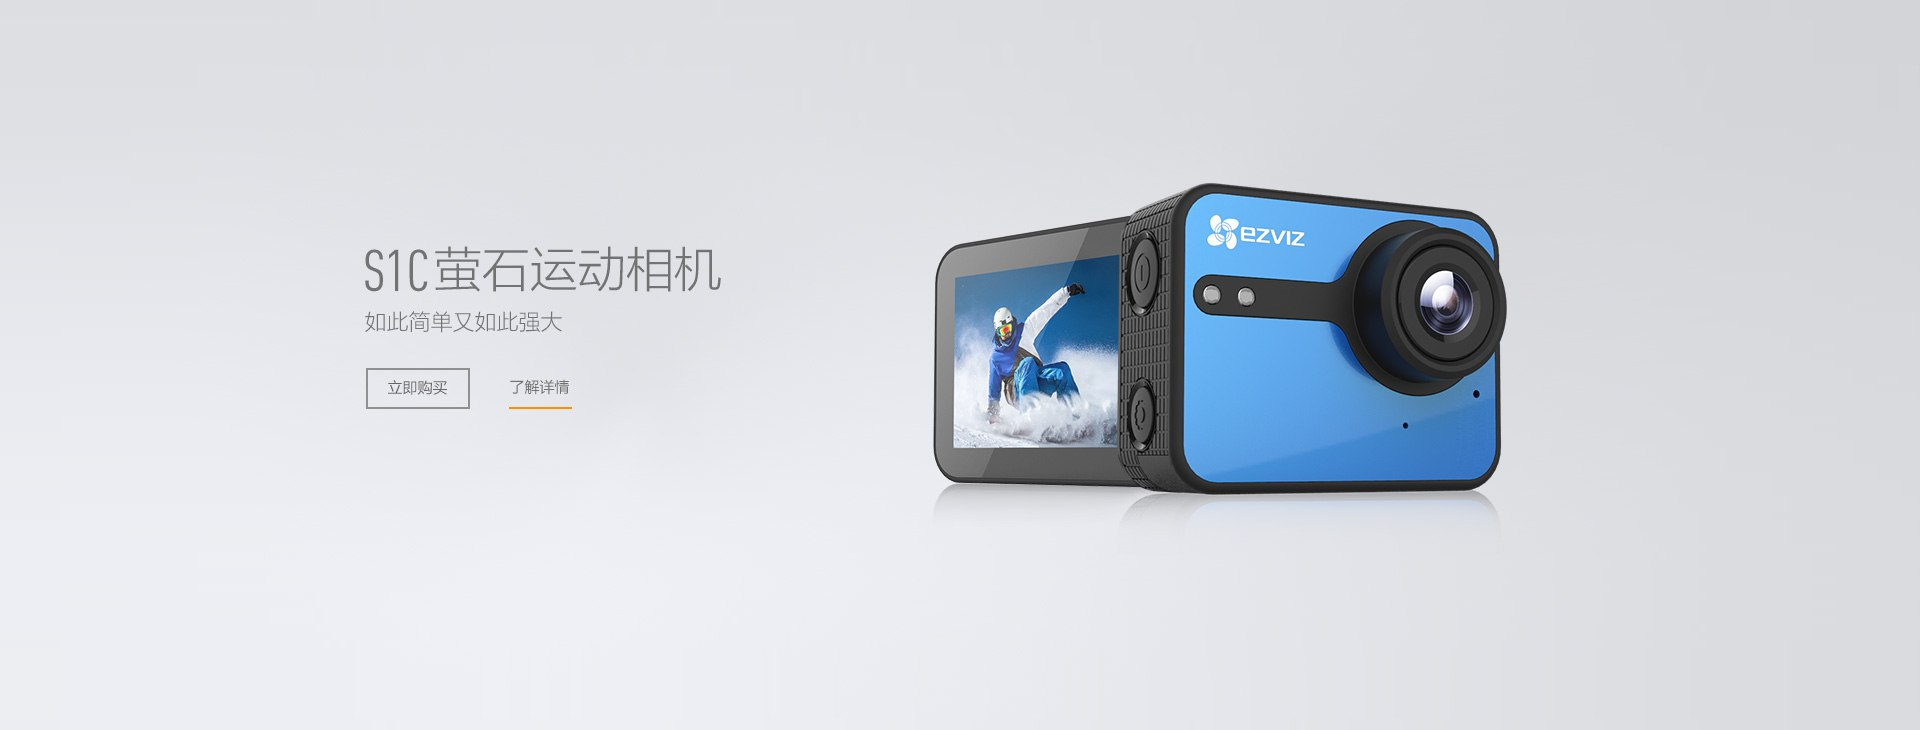 萤石运动双模式运动相机-S1C